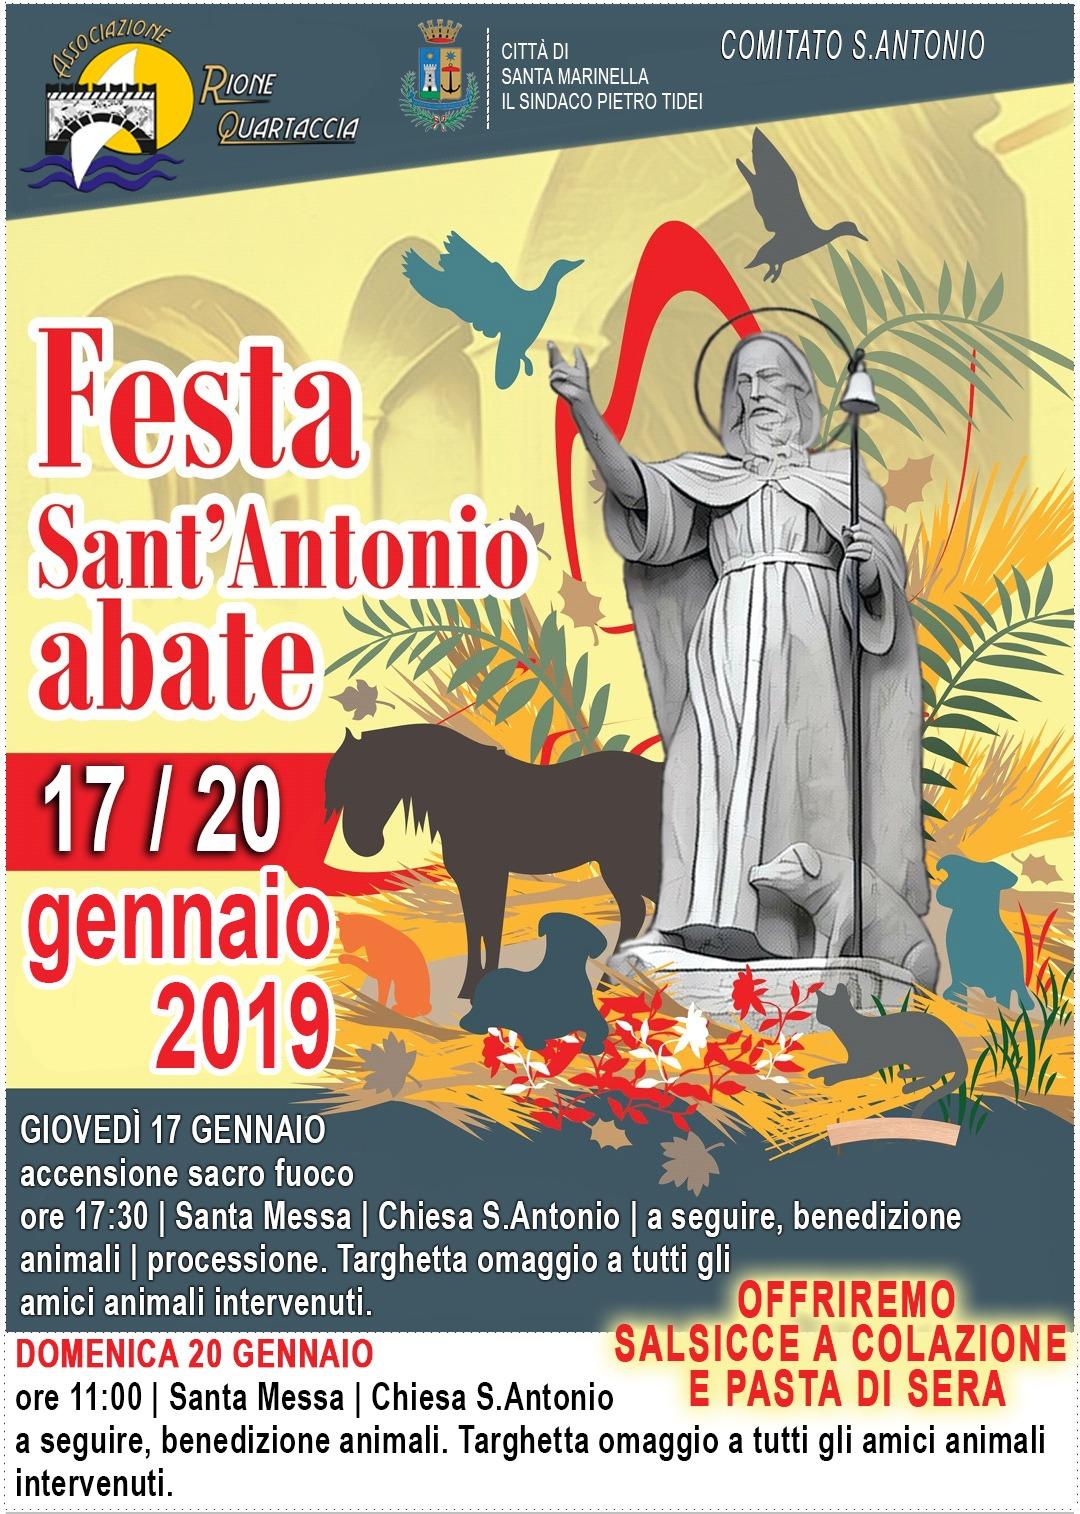 Festa di Sant'Antonio Abate: Comitato, Rione Quartaccia e Comune pronti per la benedizione degli animali.